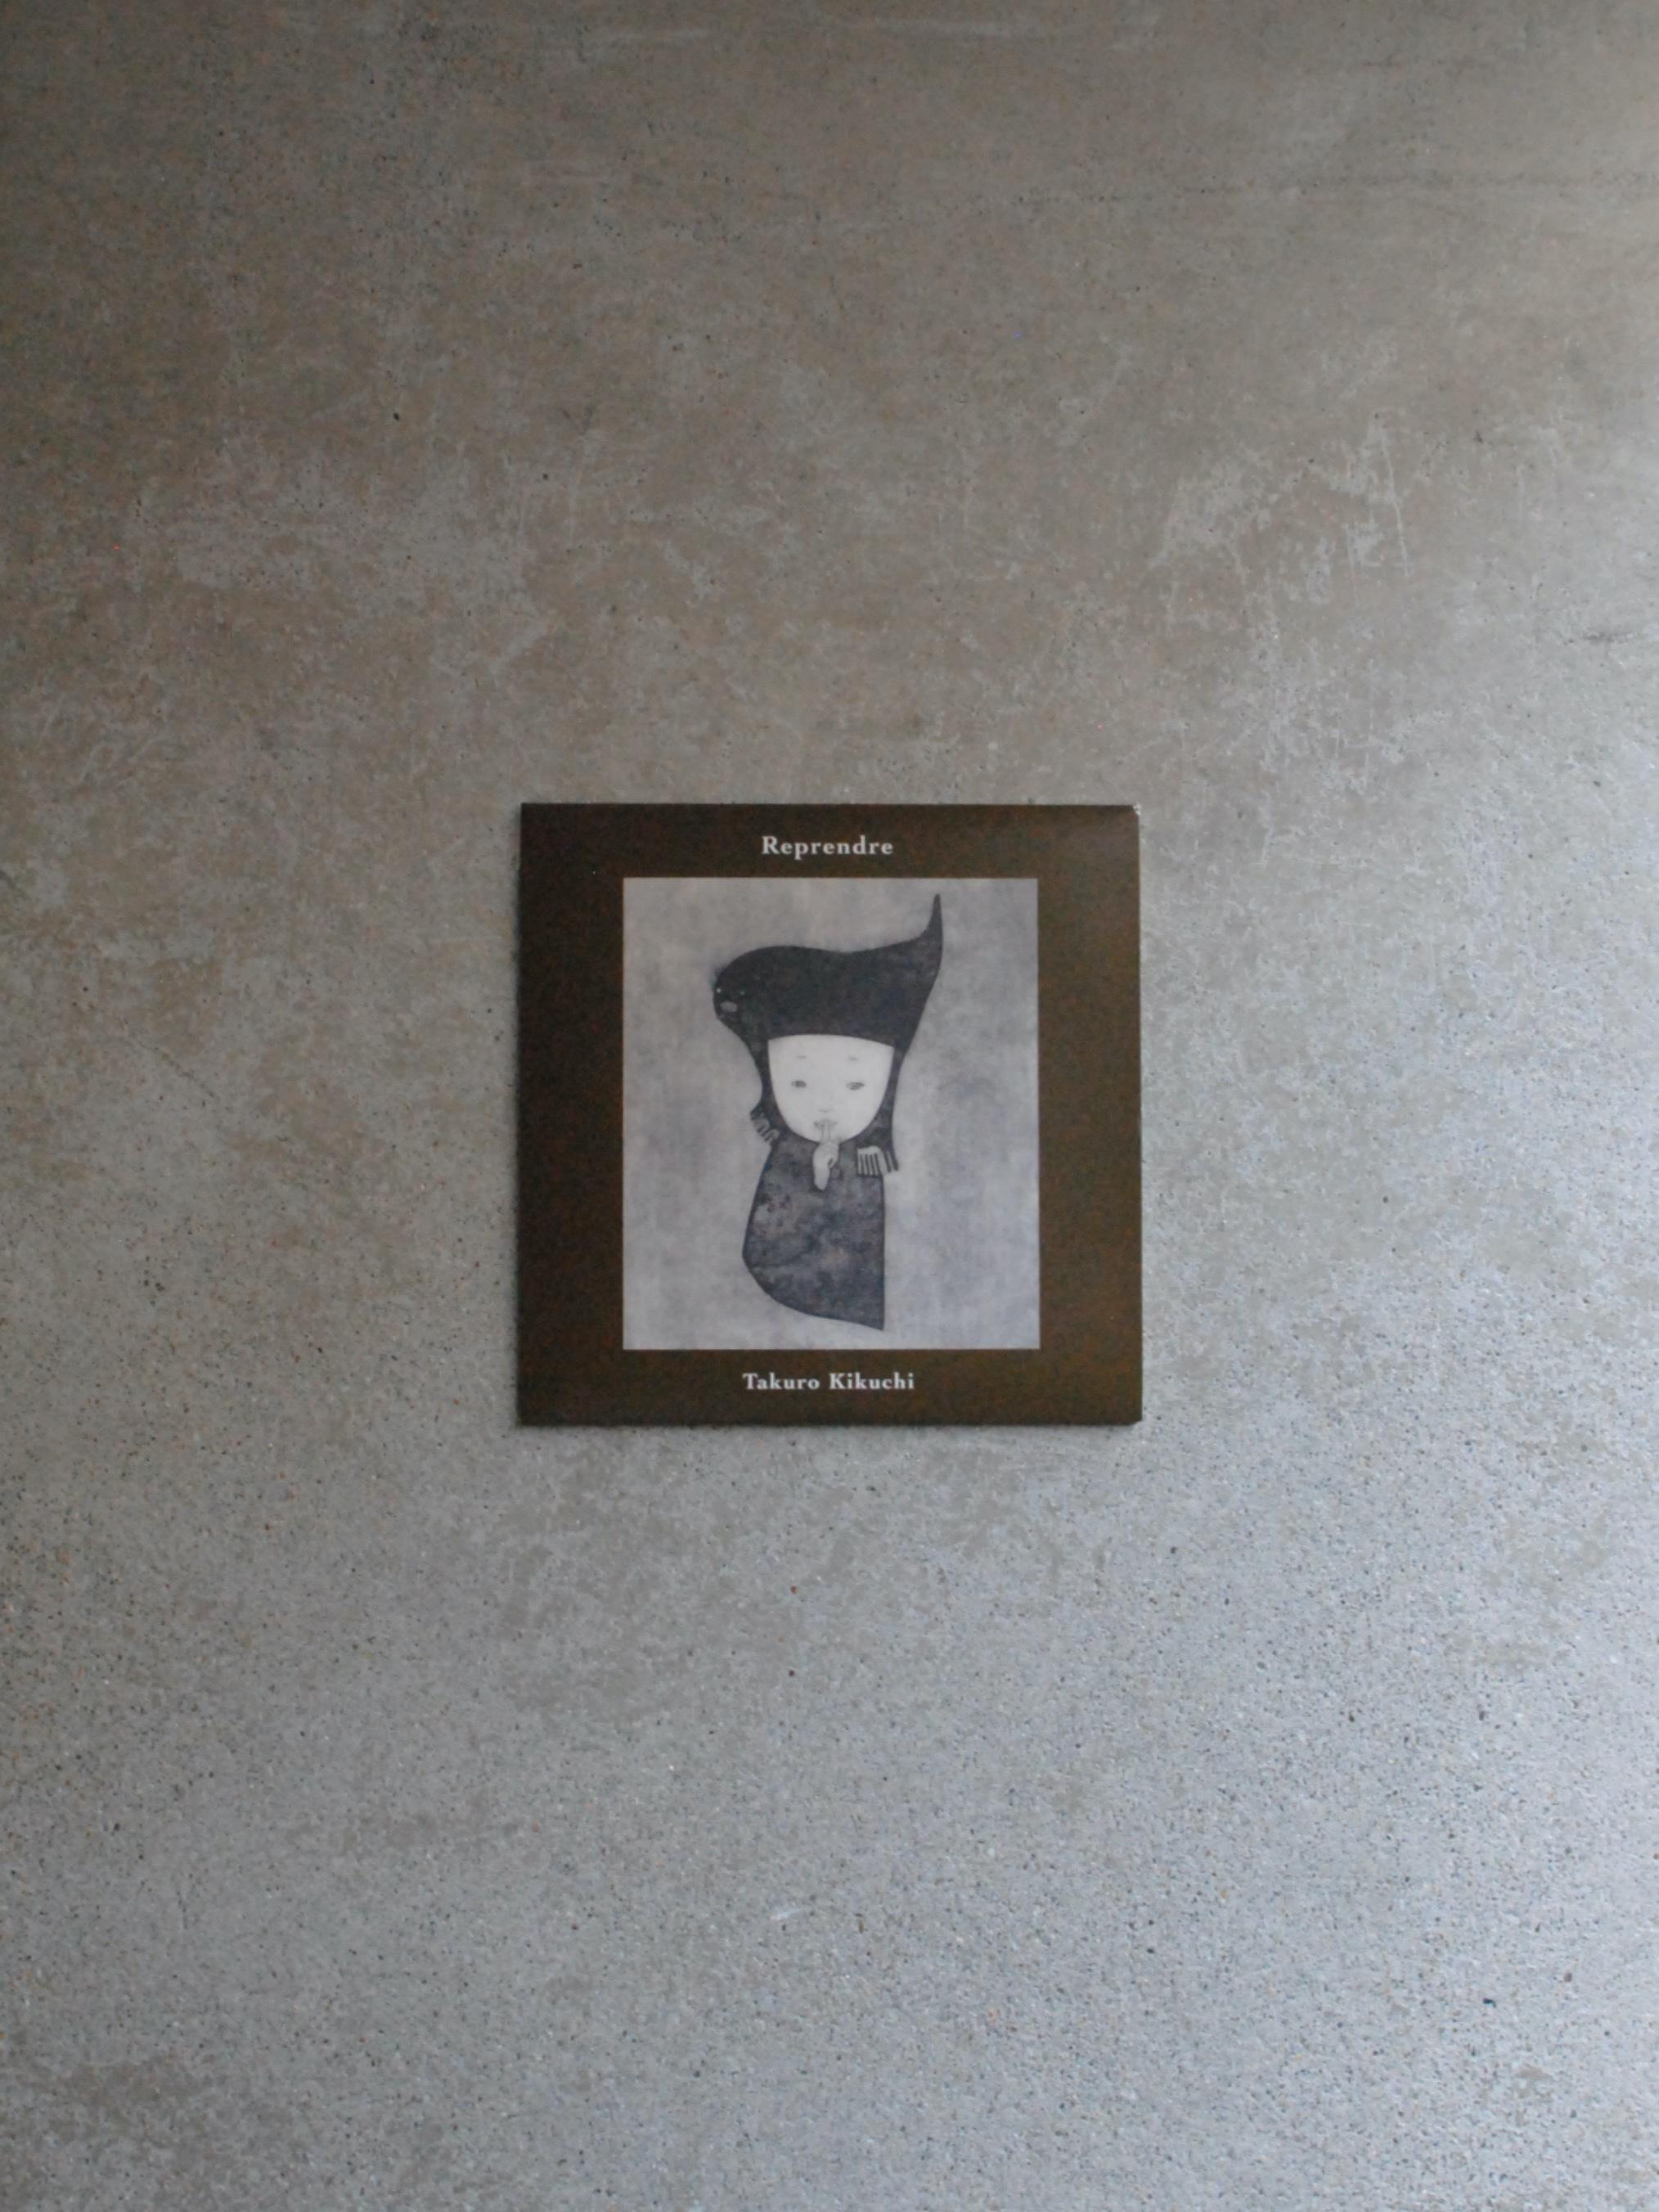 Takuro Kikuchi / Reprendre